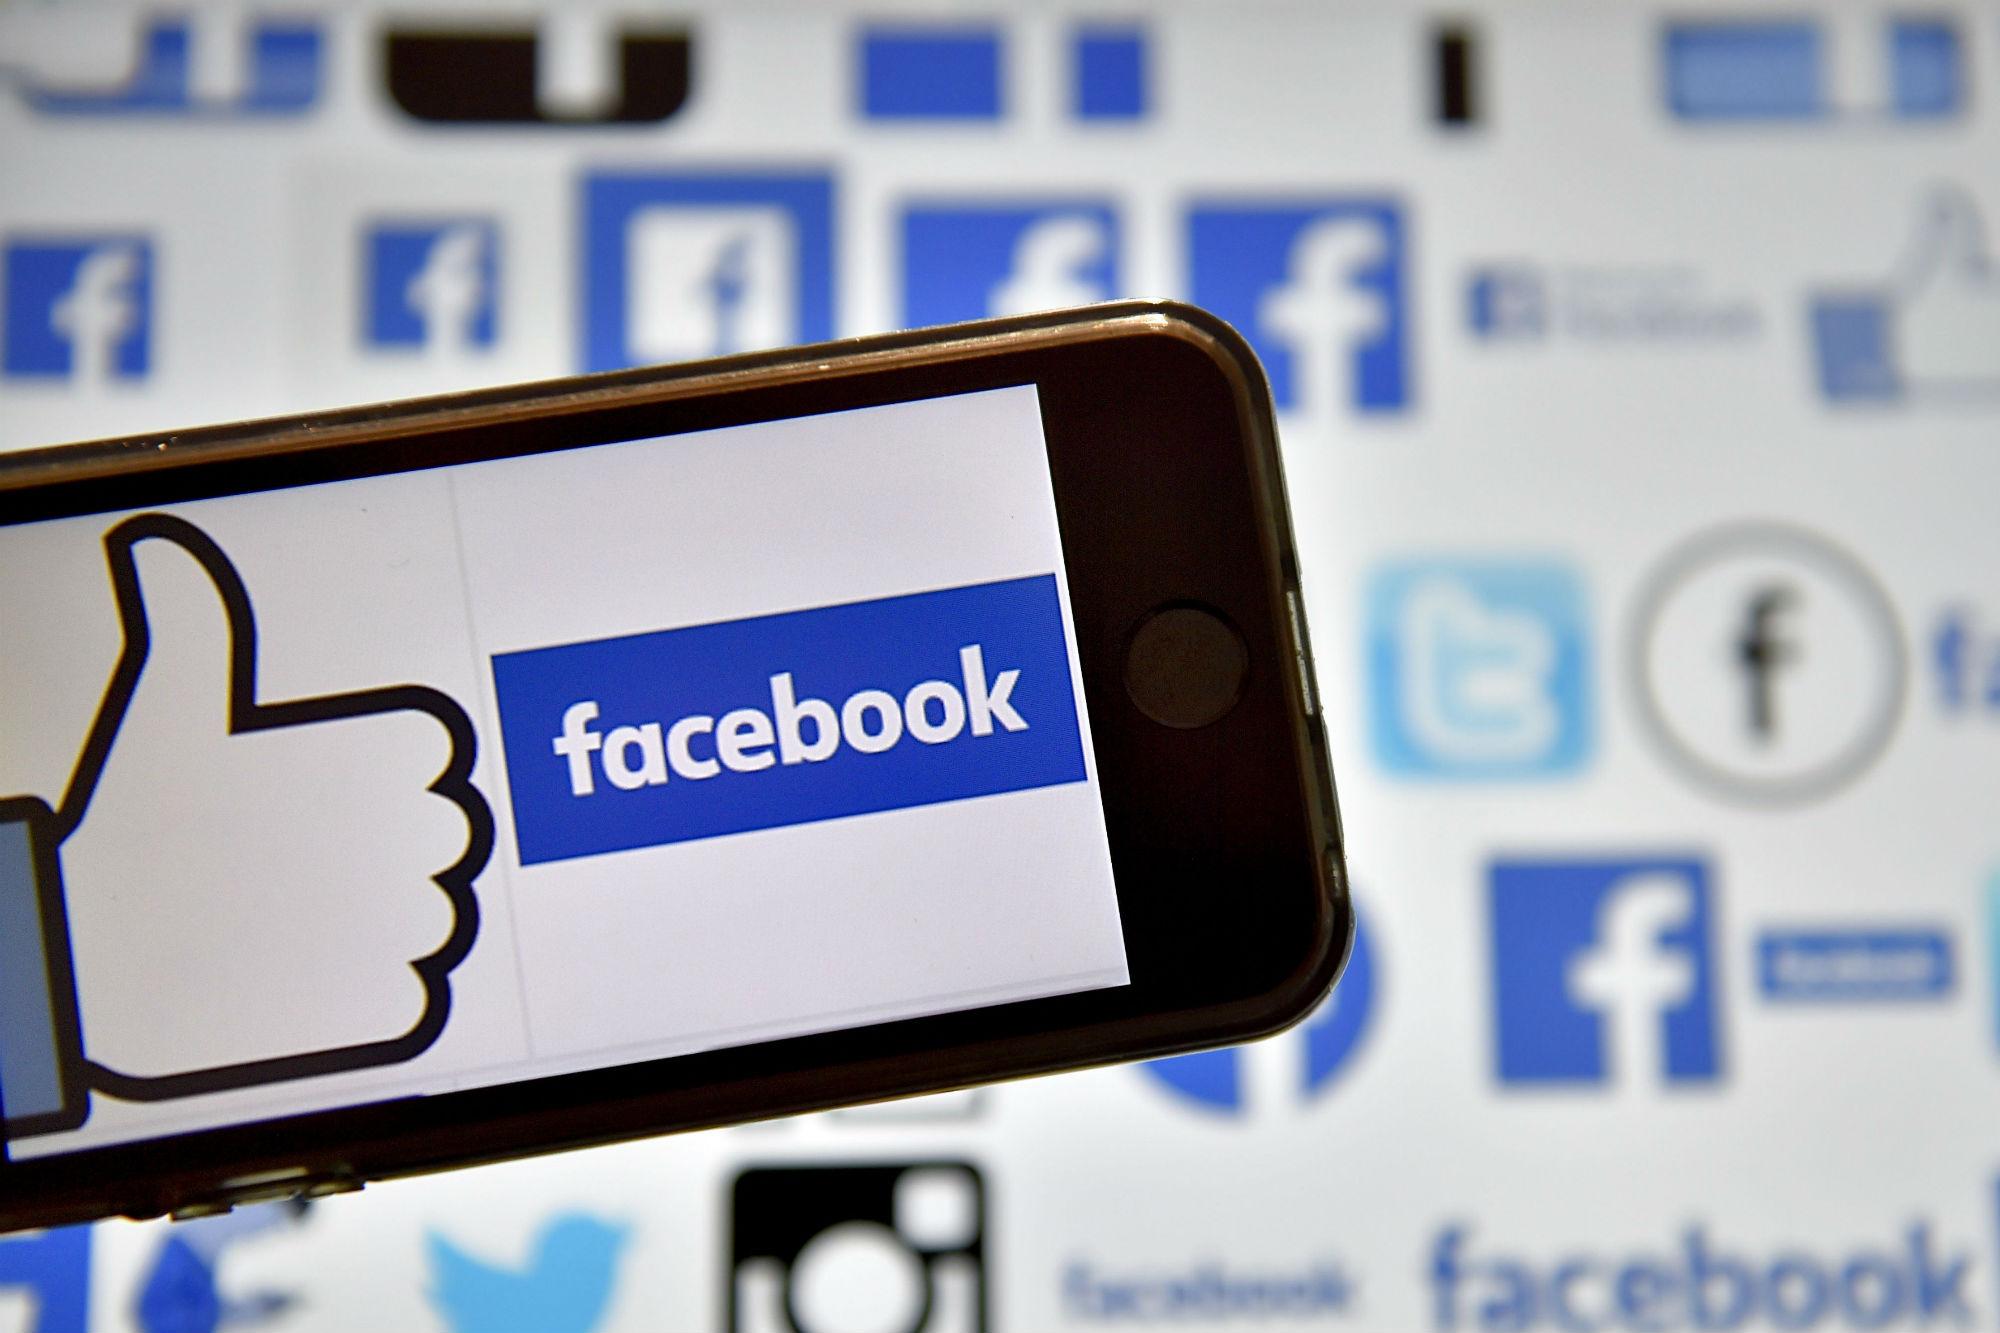 Il furto di fotografie su Facebook: disciplina generale e tutele